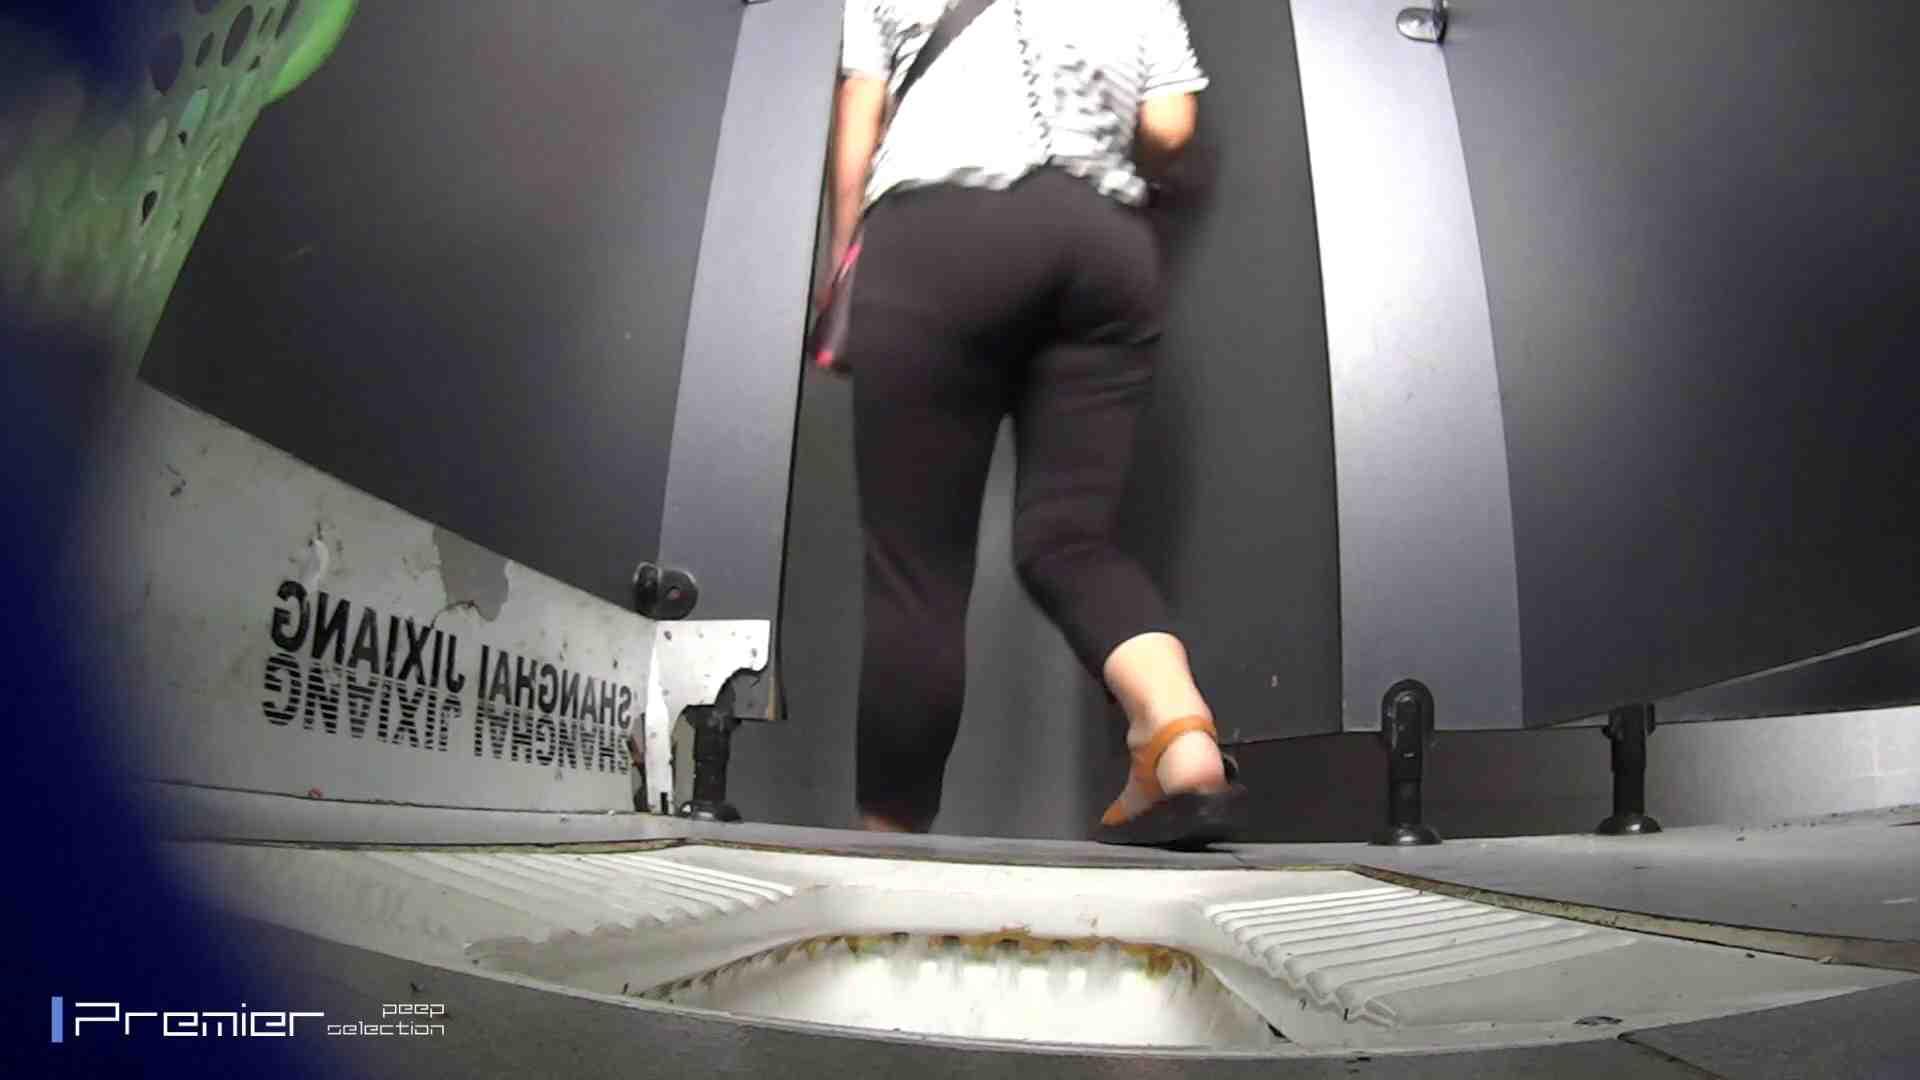 夏全開!ハーフパンツのギャル達 大学休憩時間の洗面所事情44 洗面所 エロ画像 70PIX 33